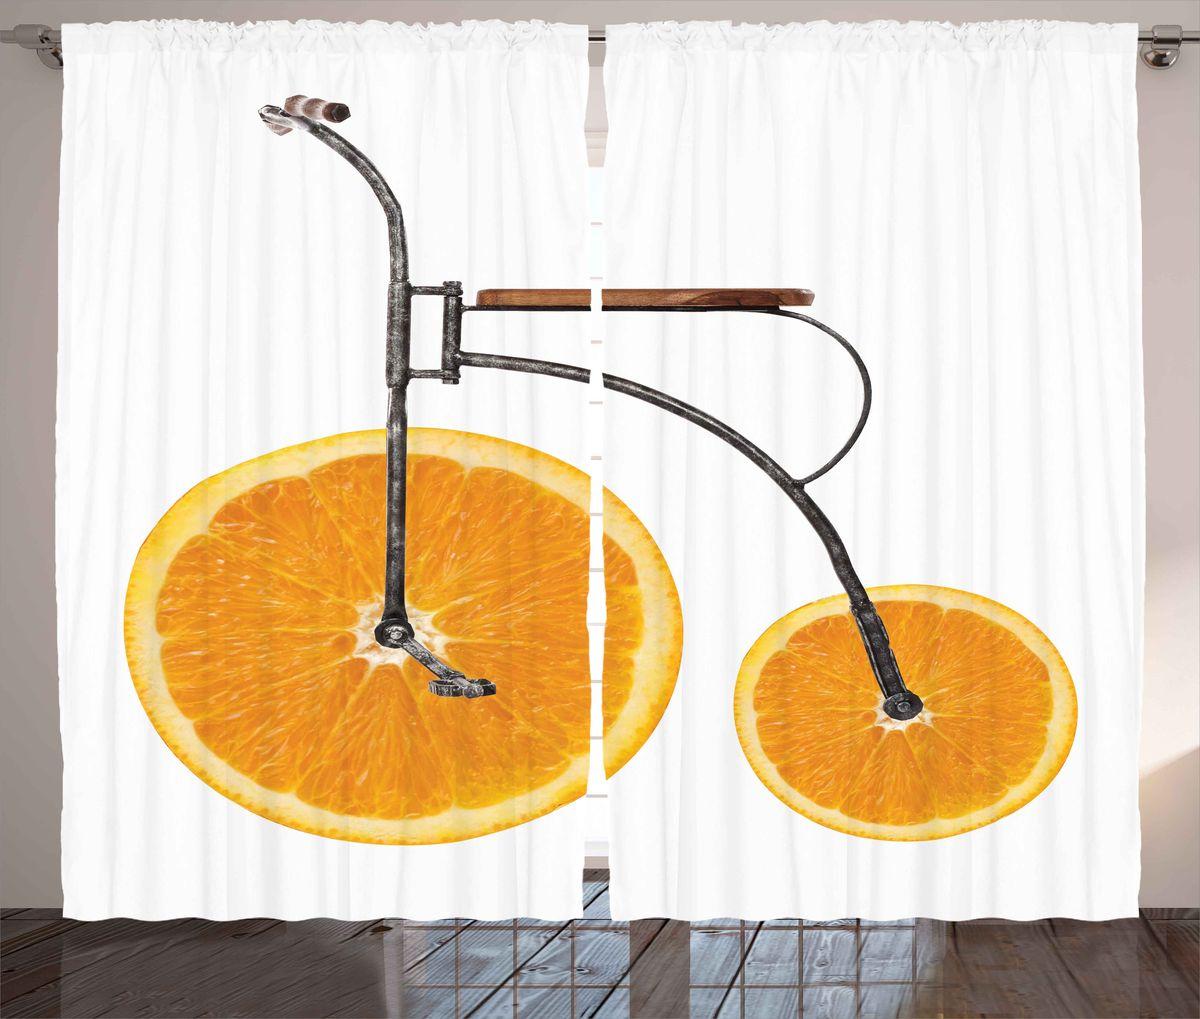 Комплект фотоштор Magic Lady Апельсиновые велосипед, на ленте, цвет: белый, оранжевый, высота 265 см. шсг_5217шсг_5217Компания Сэмболь изготавливает шторы из высококачественного сатена (полиэстер 100%). При изготовлении используются специальные гипоаллергенные чернила для прямой печати по ткани, безопасные для человека и животных. Экологичность фотоштор Magic Lady Апельсиновые велосипед и безопасность для окружающей среды подтверждены сертификатом Oeko-Tex Standard 100. Крепление: крючки для крепления на шторной ленте (50 шт). Возможно крепление на трубу. Внимание! При нанесении сублимационной печати на ткань технологическим методом при температуре 240°С, возможно отклонение полученных размеров (указанных на этикетке и сайте) от стандартных на + - 3- 5 см. Производитель старается максимально точно передать цвета изделия на фотографиях, однако искажения неизбежны и фактический цвет изделия может отличаться от воспринимаемого по фото. Обратите внимание! Шторы изготовлены из полиэстра сатенового переплетения, а не из сатина (хлопок). Размер одного полотна шторы: 145 х 265 см.